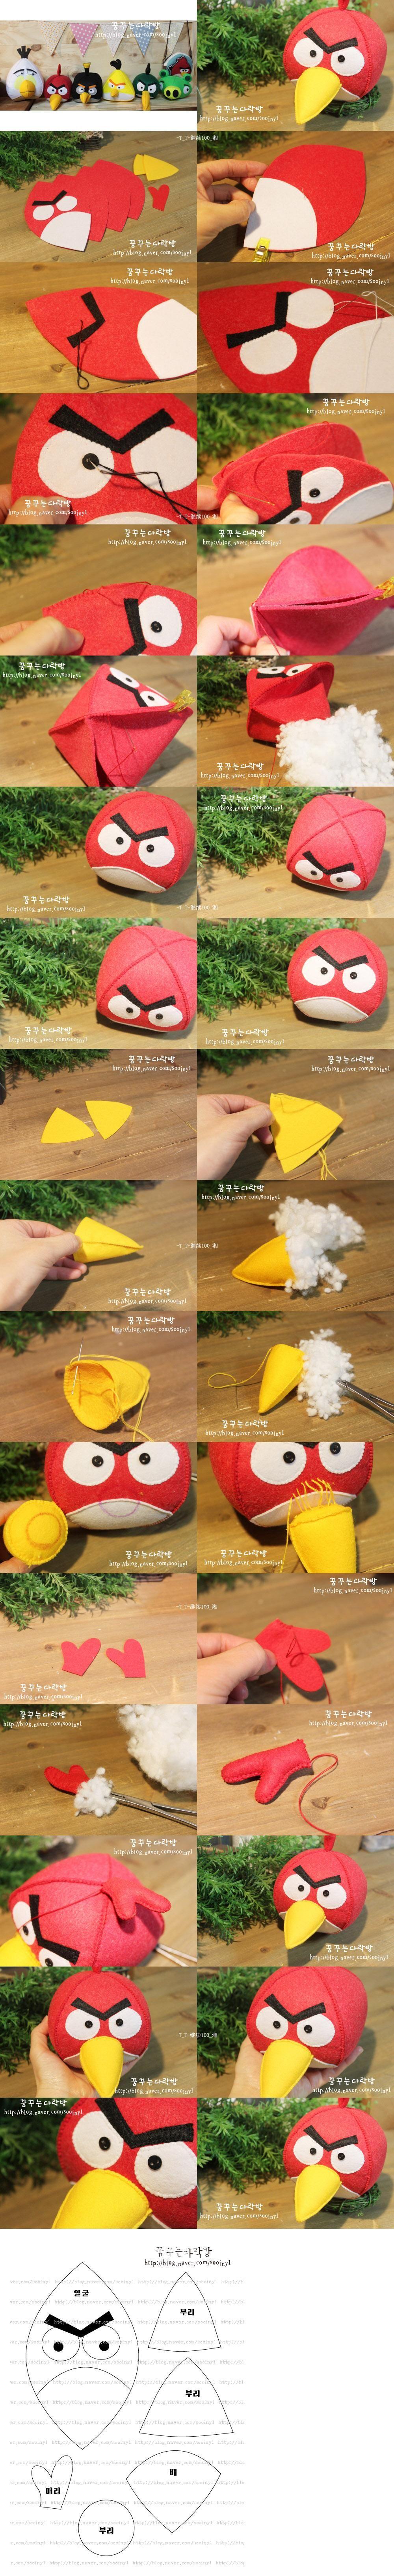 Angry birds geschenke pinterest filz n hen f r - Schulprojekte ideen ...